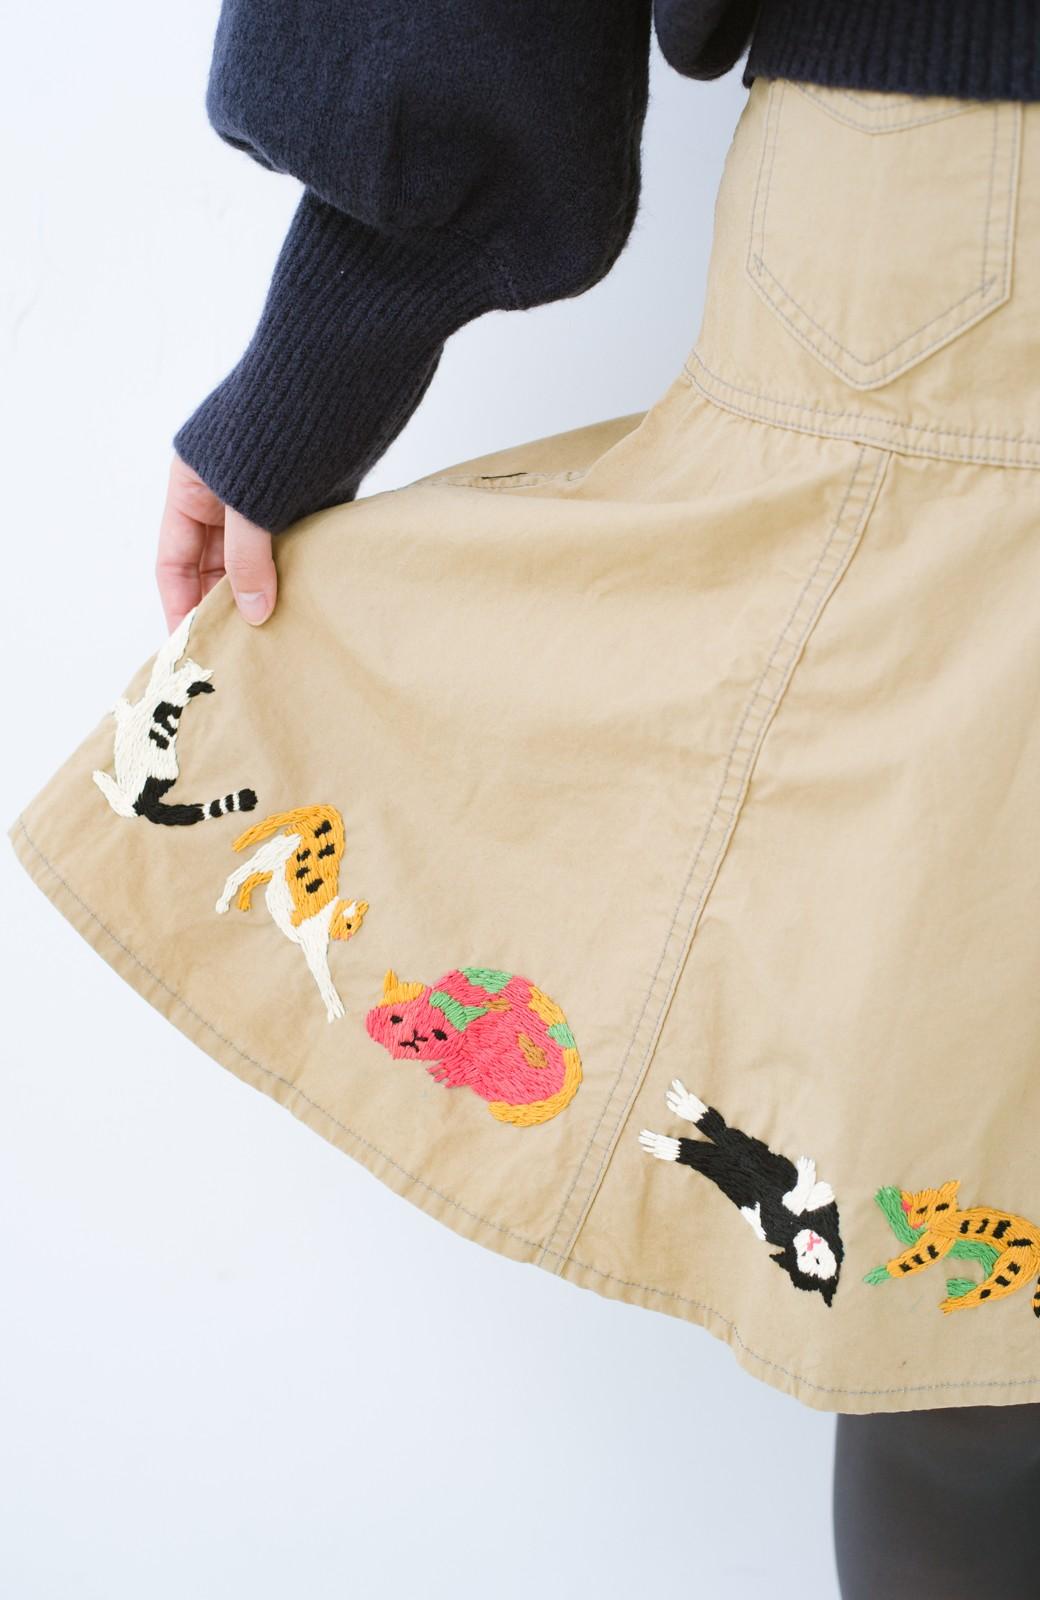 haco! Stitch by Stitch 子猫たちが楽しく戯れて。CANTON FOR PBP サーキュラースカート <ベージュ>の商品写真2